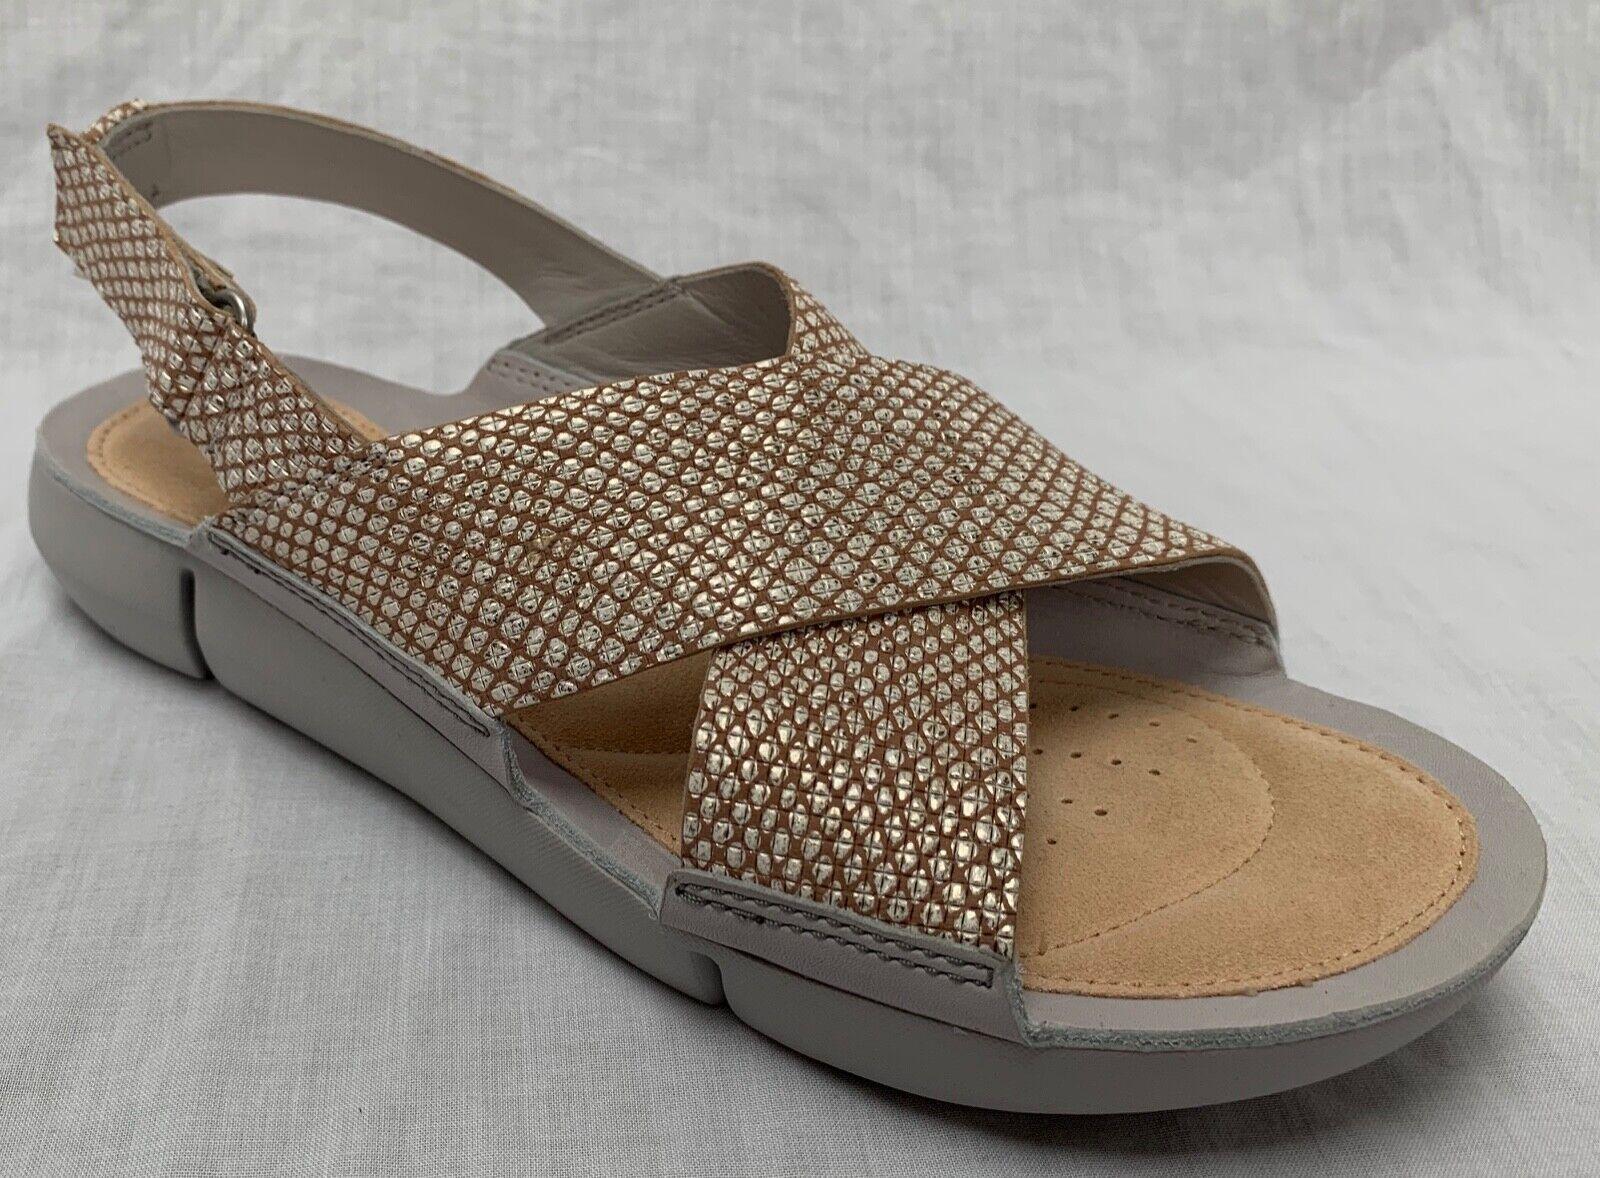 BNIB Clarks Ladies Tri Chloe Trigenic Metallic Leather Flat Sandals